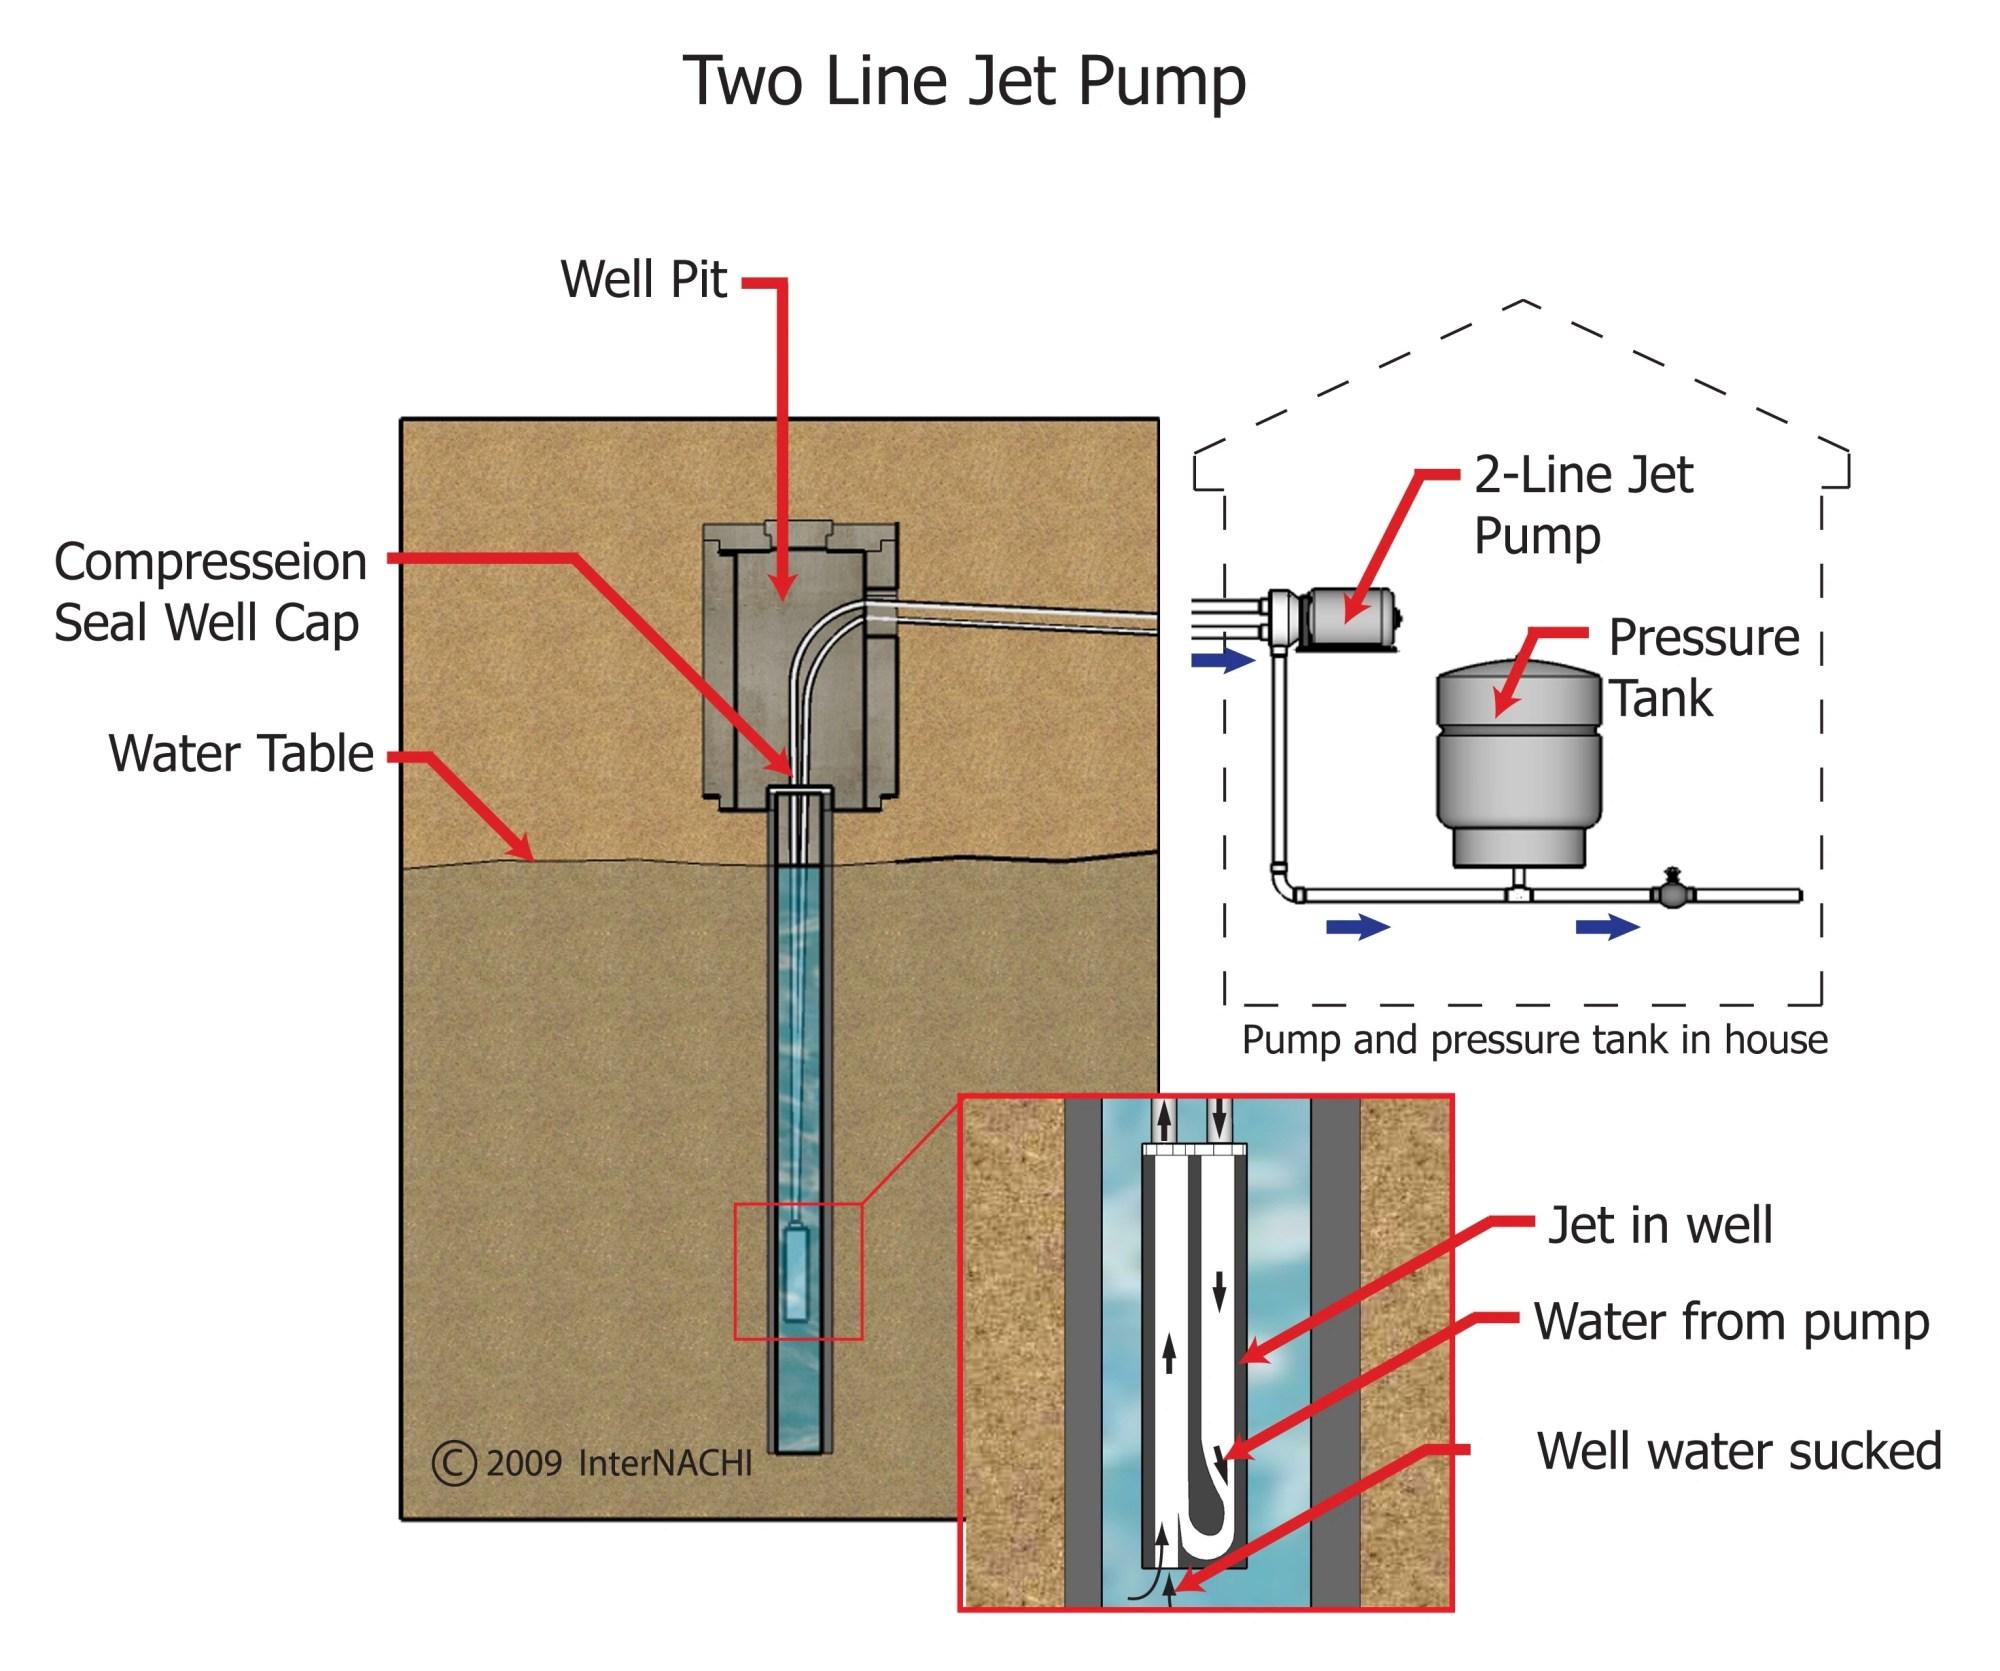 hight resolution of deep well jet pump installation diagram jpg 2943x2459 deep well jet pump installation diagram